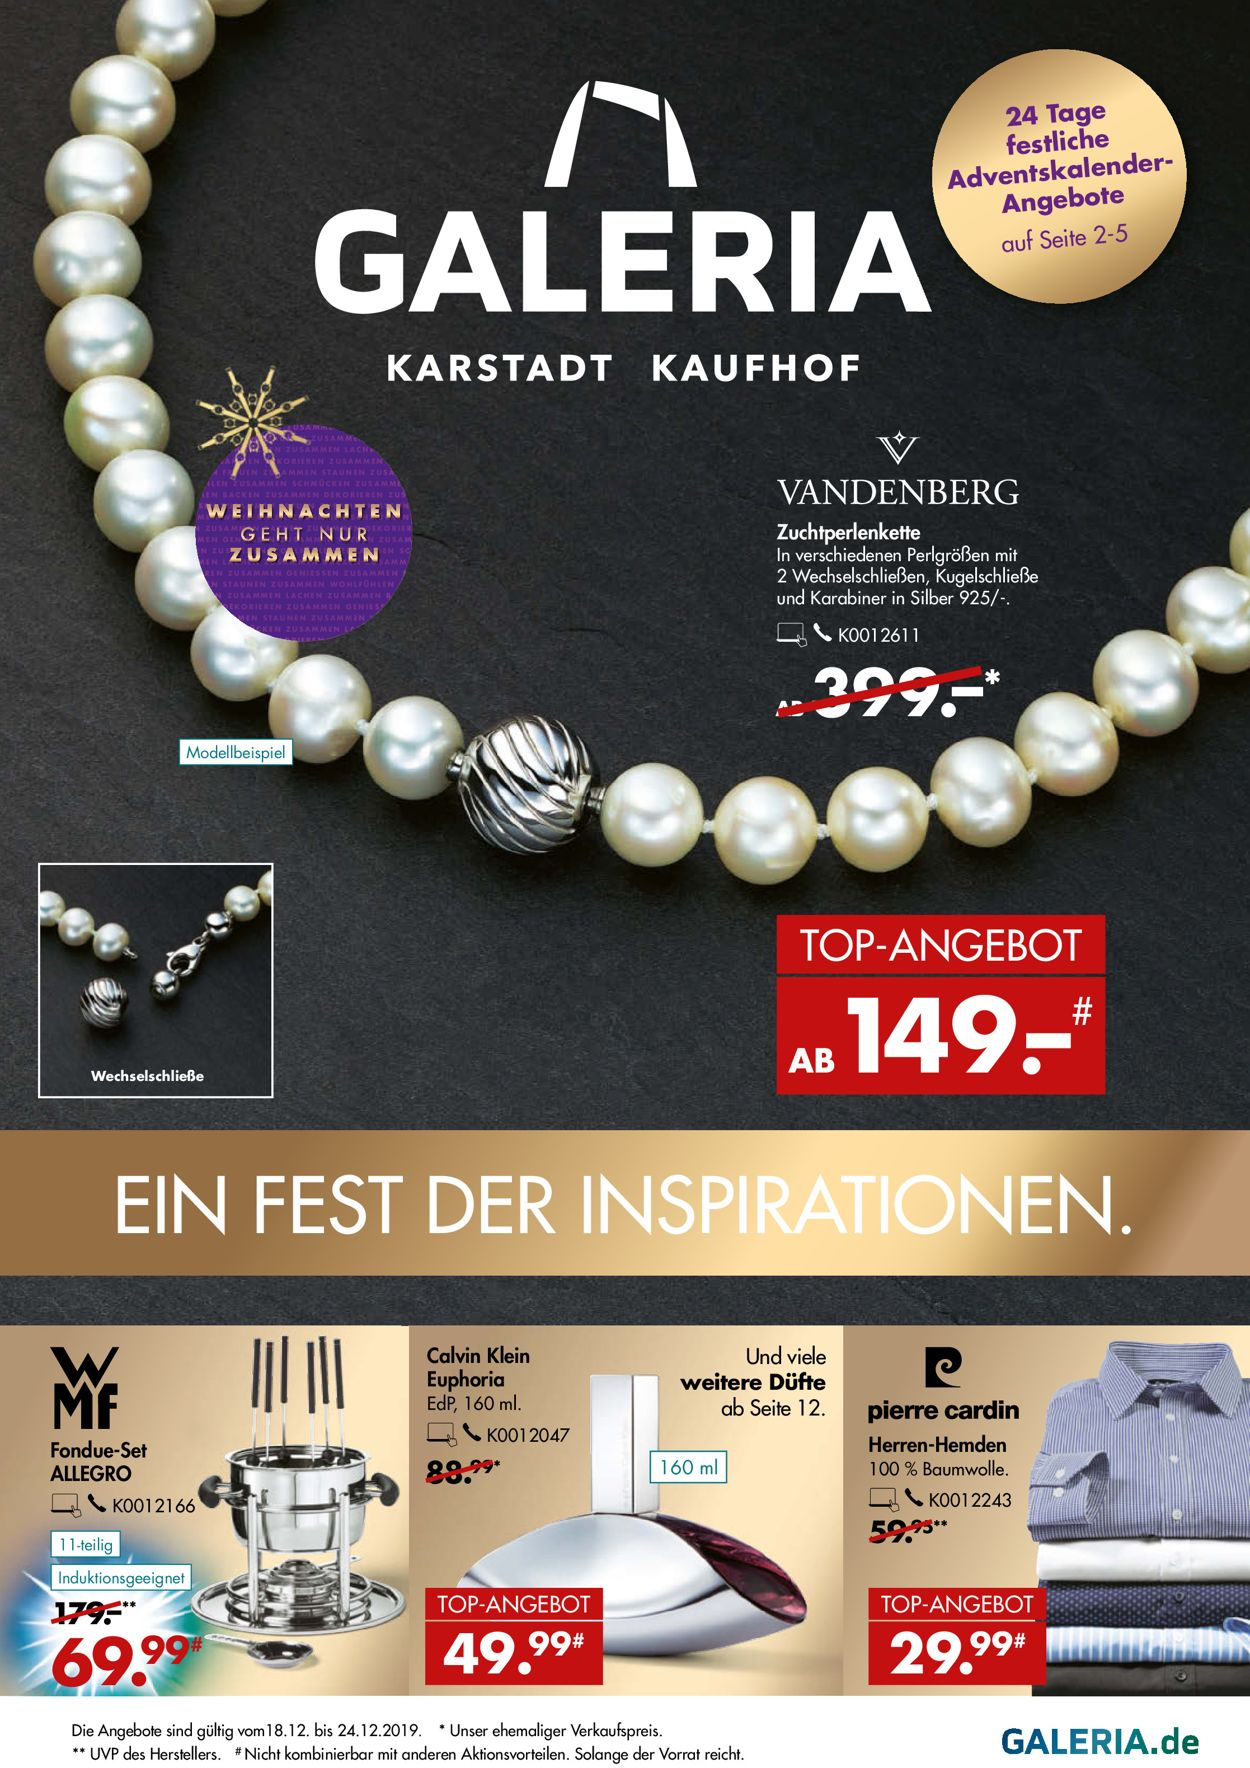 GALERIA Kaufhof - Weihnachtsprospekt 2019 Prospekt - Aktuell vom 18.12-24.12.2019